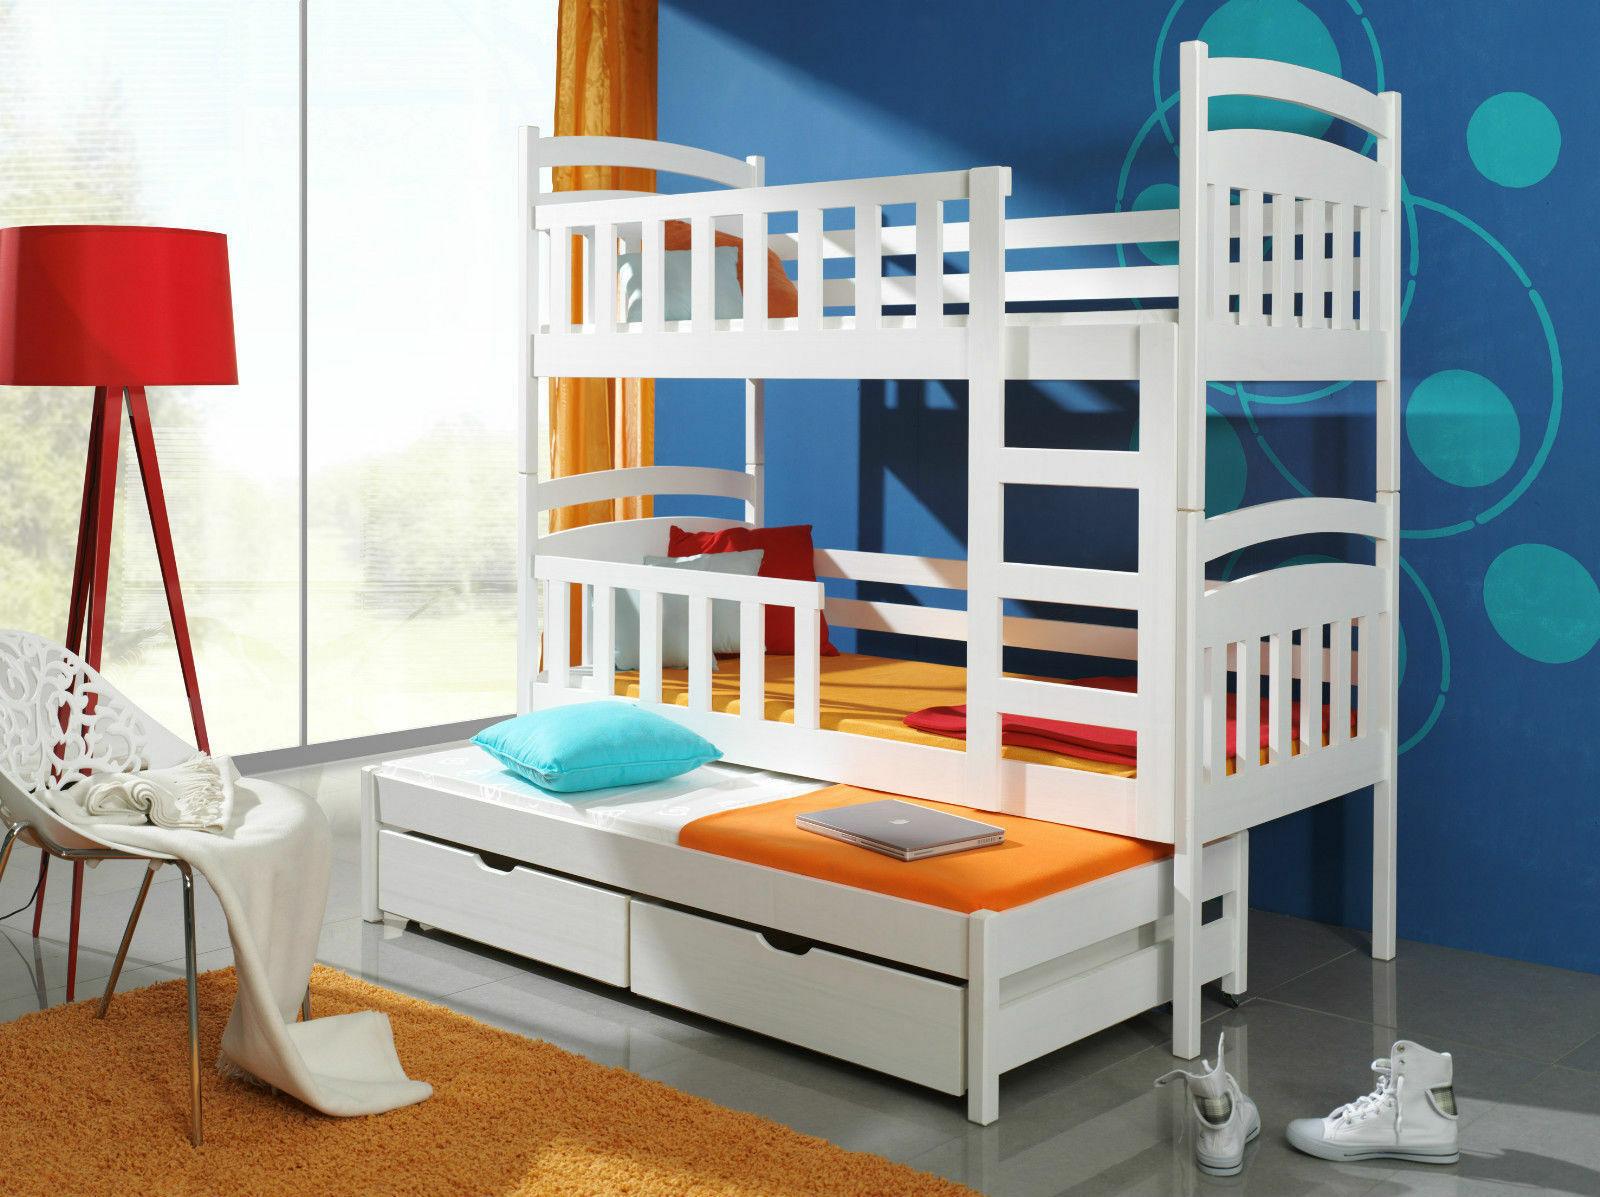 Etagenbett Für 3 : Etagenbett hochbett kinderbett doppelbett viki pesonen cm